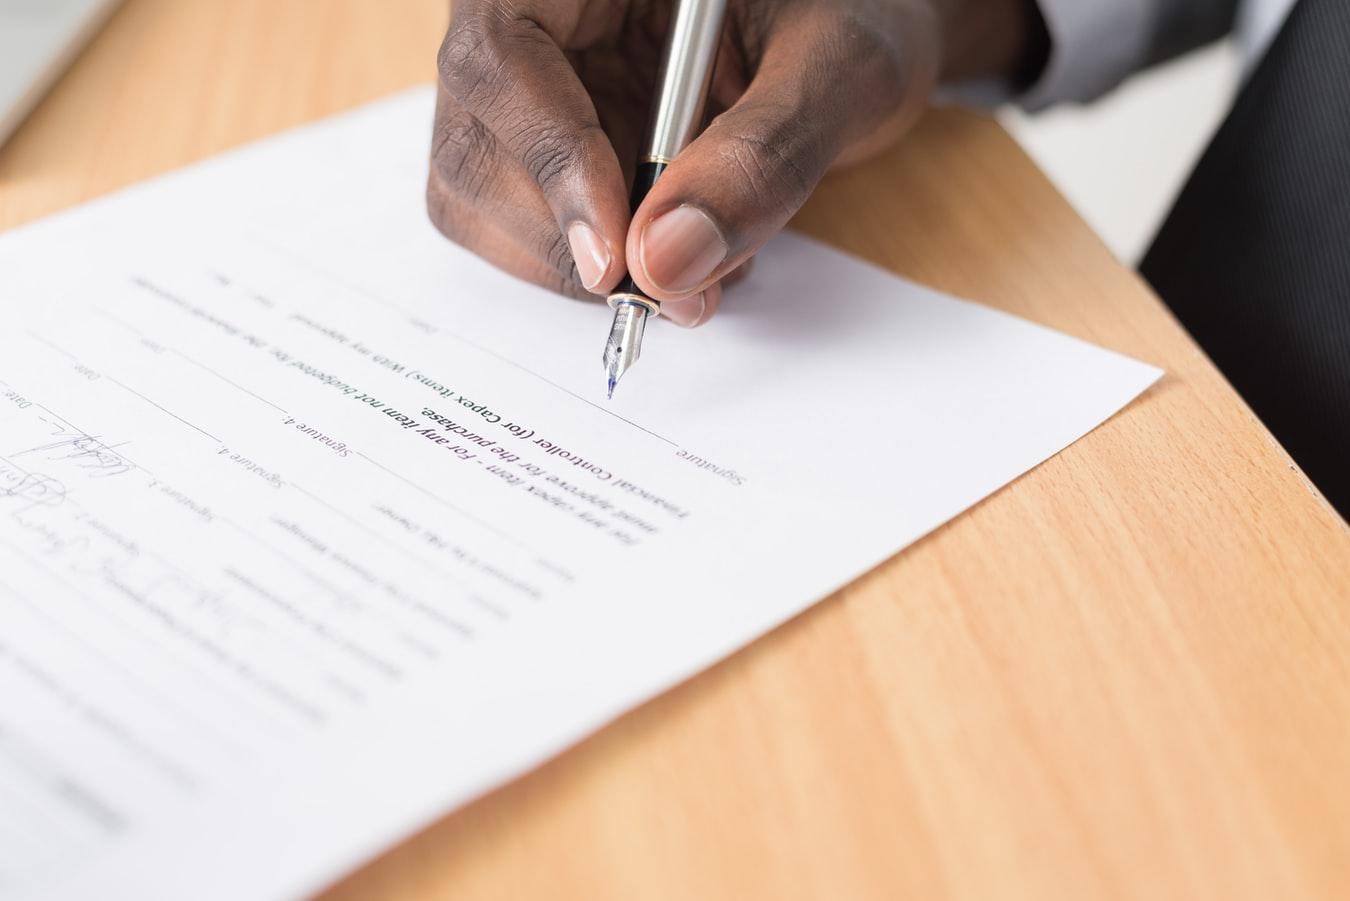 Franczyzobiorcy Żabki złożyli ponad 60 tysięcy e-podpisów za pomocą platformy Asseco